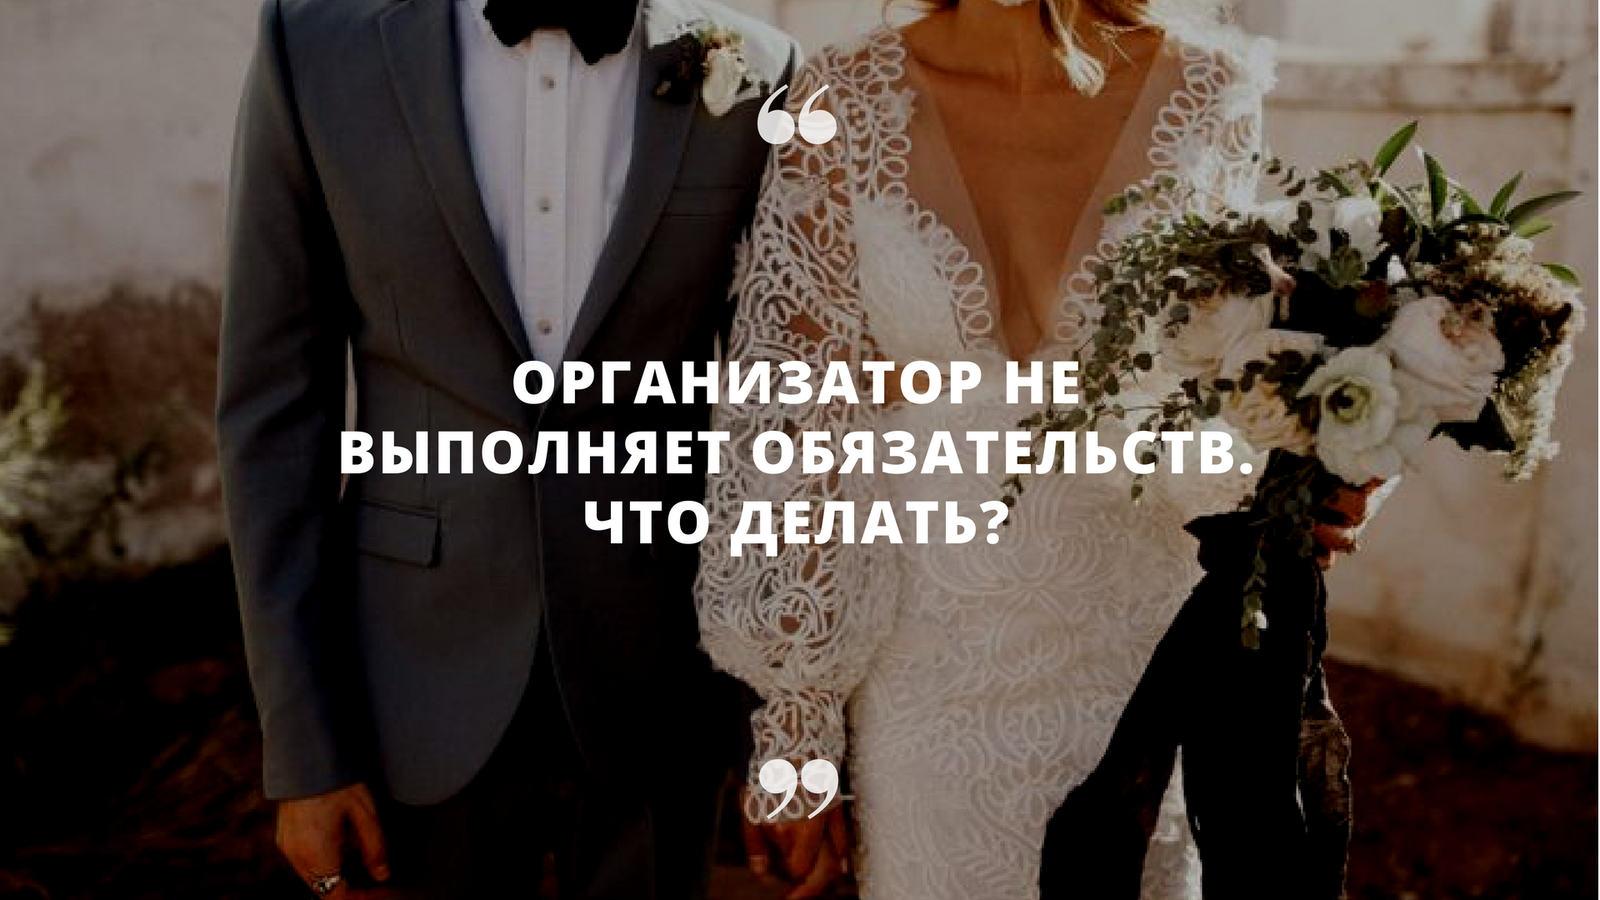 «Свадебный организатор не выполняет обязательств. Что делать?»